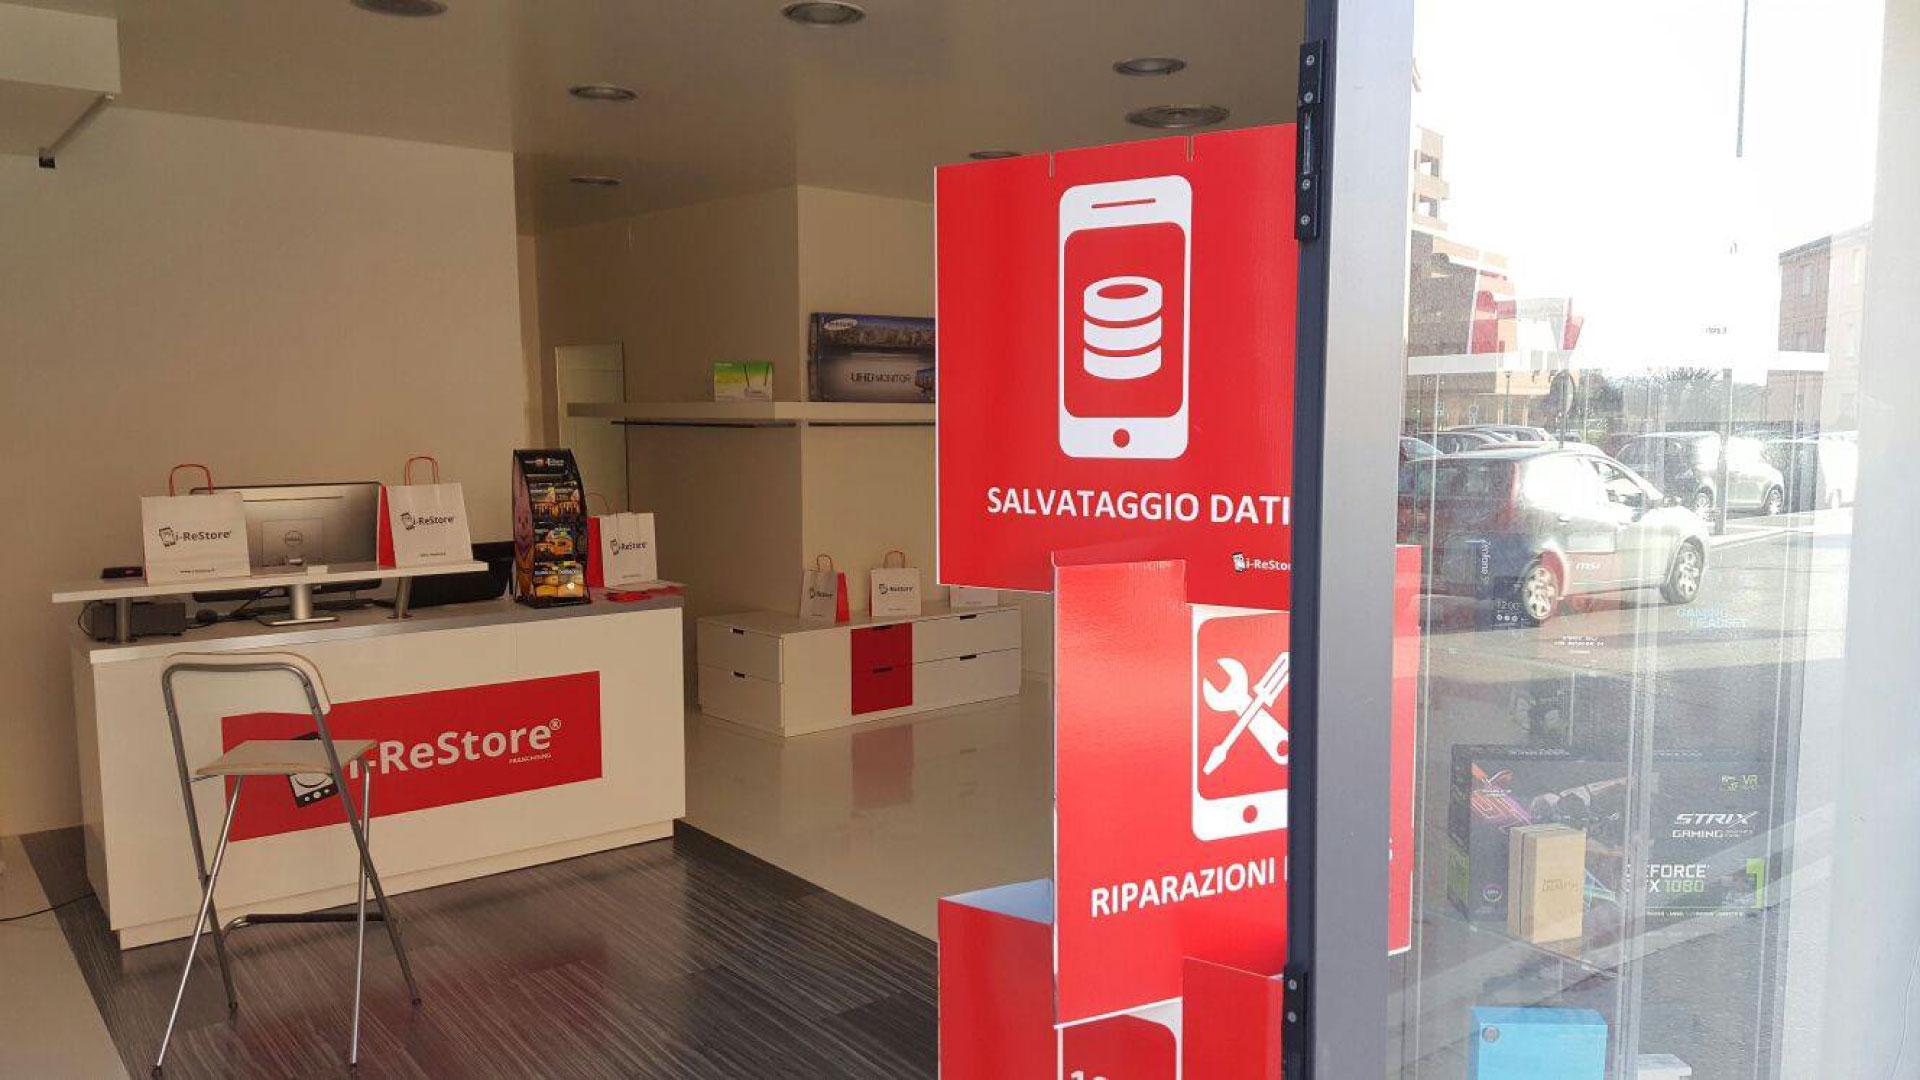 i-restore bastia umbra negozio riparazione vendita permuta smartphone tablet